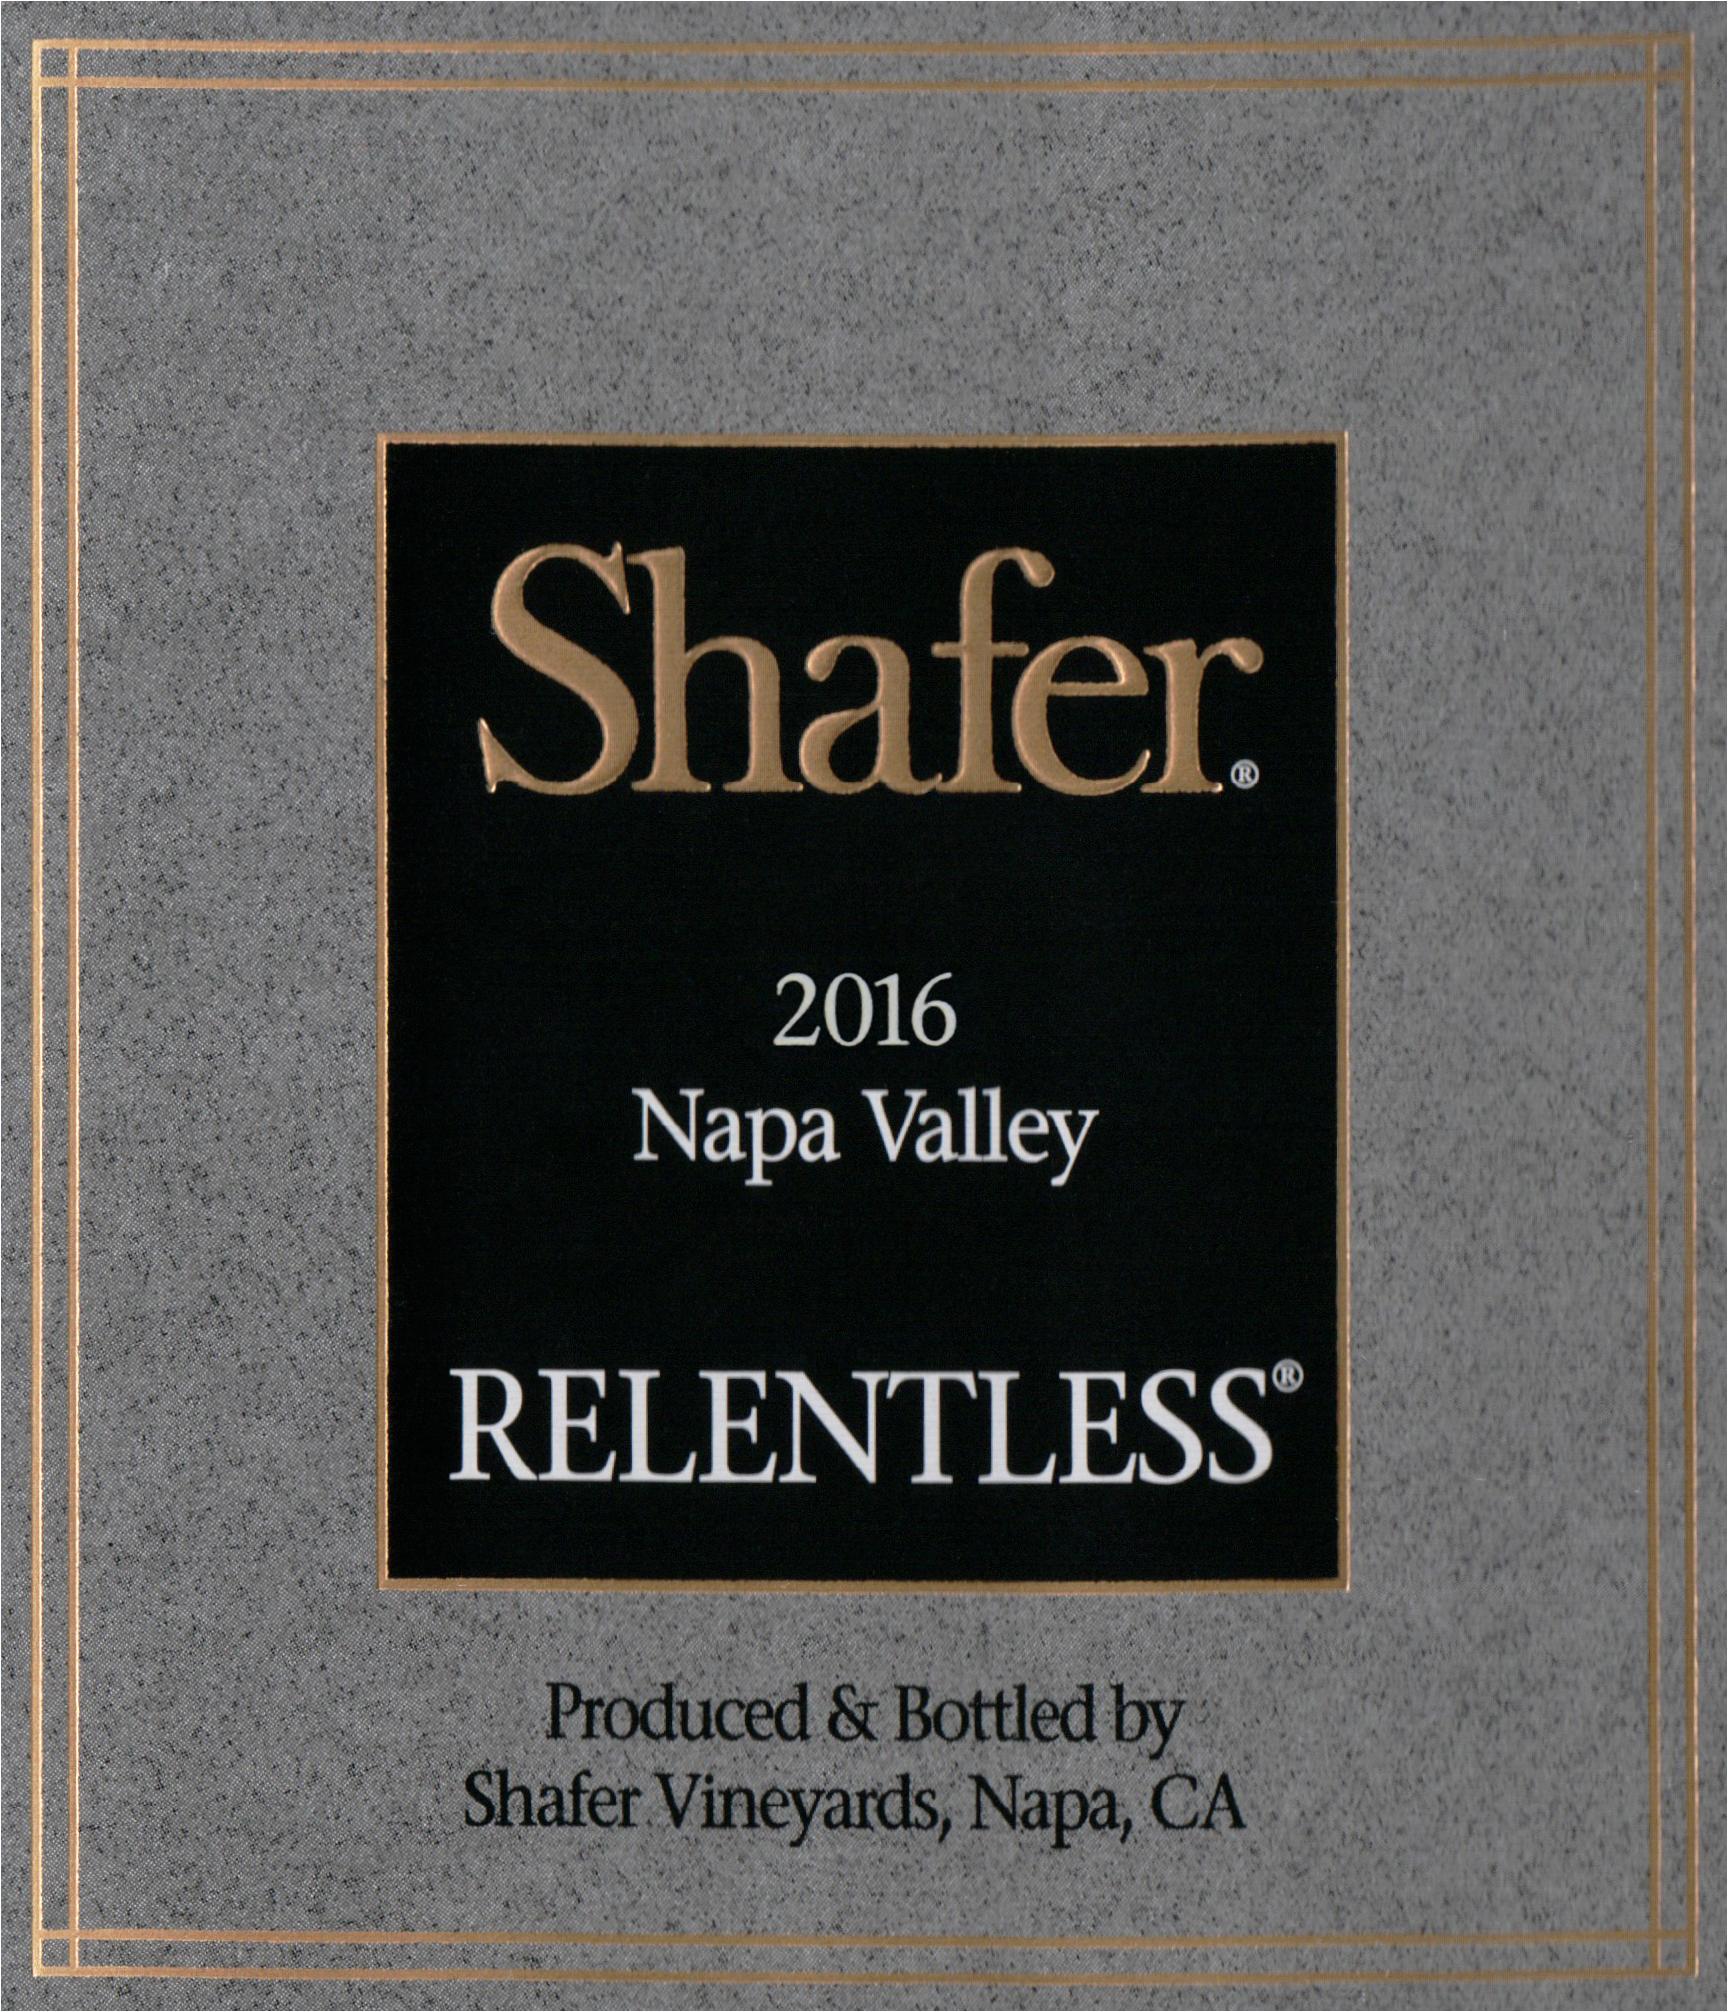 Shafer Relentless 2016